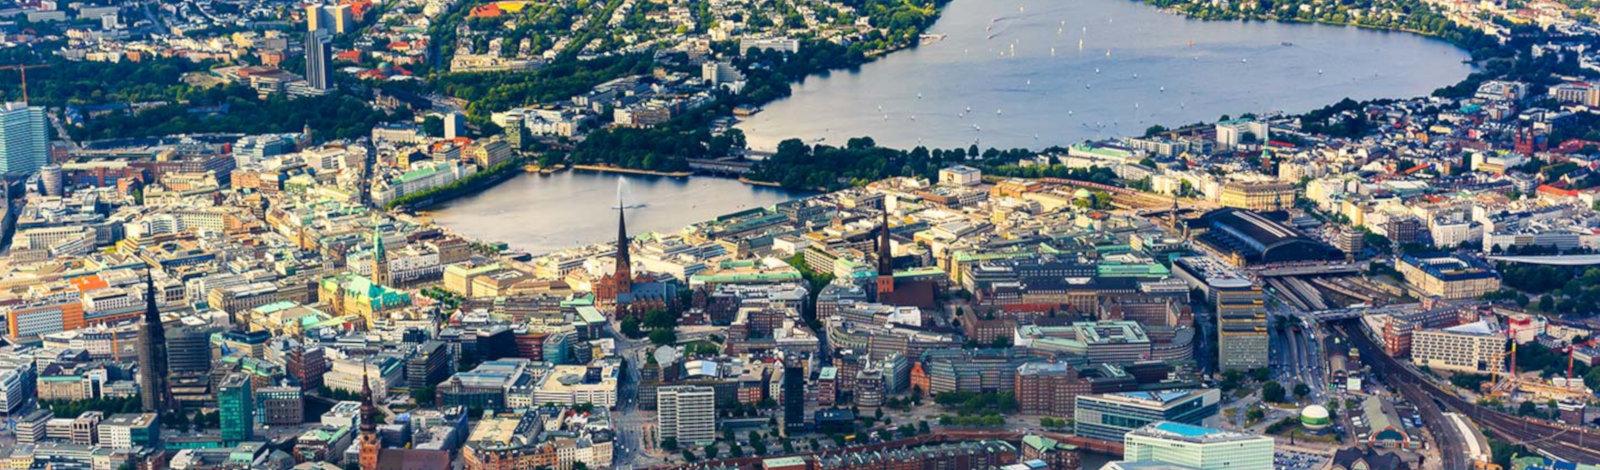 Luftaufnahme Hamburg Zentrum, Binnenalster, Außenalster | Delphos Technische Kriminalprävention - Alarmsysteme, Alarmanlagen, Einbruchmeldeanlagen, Notfallzentrale